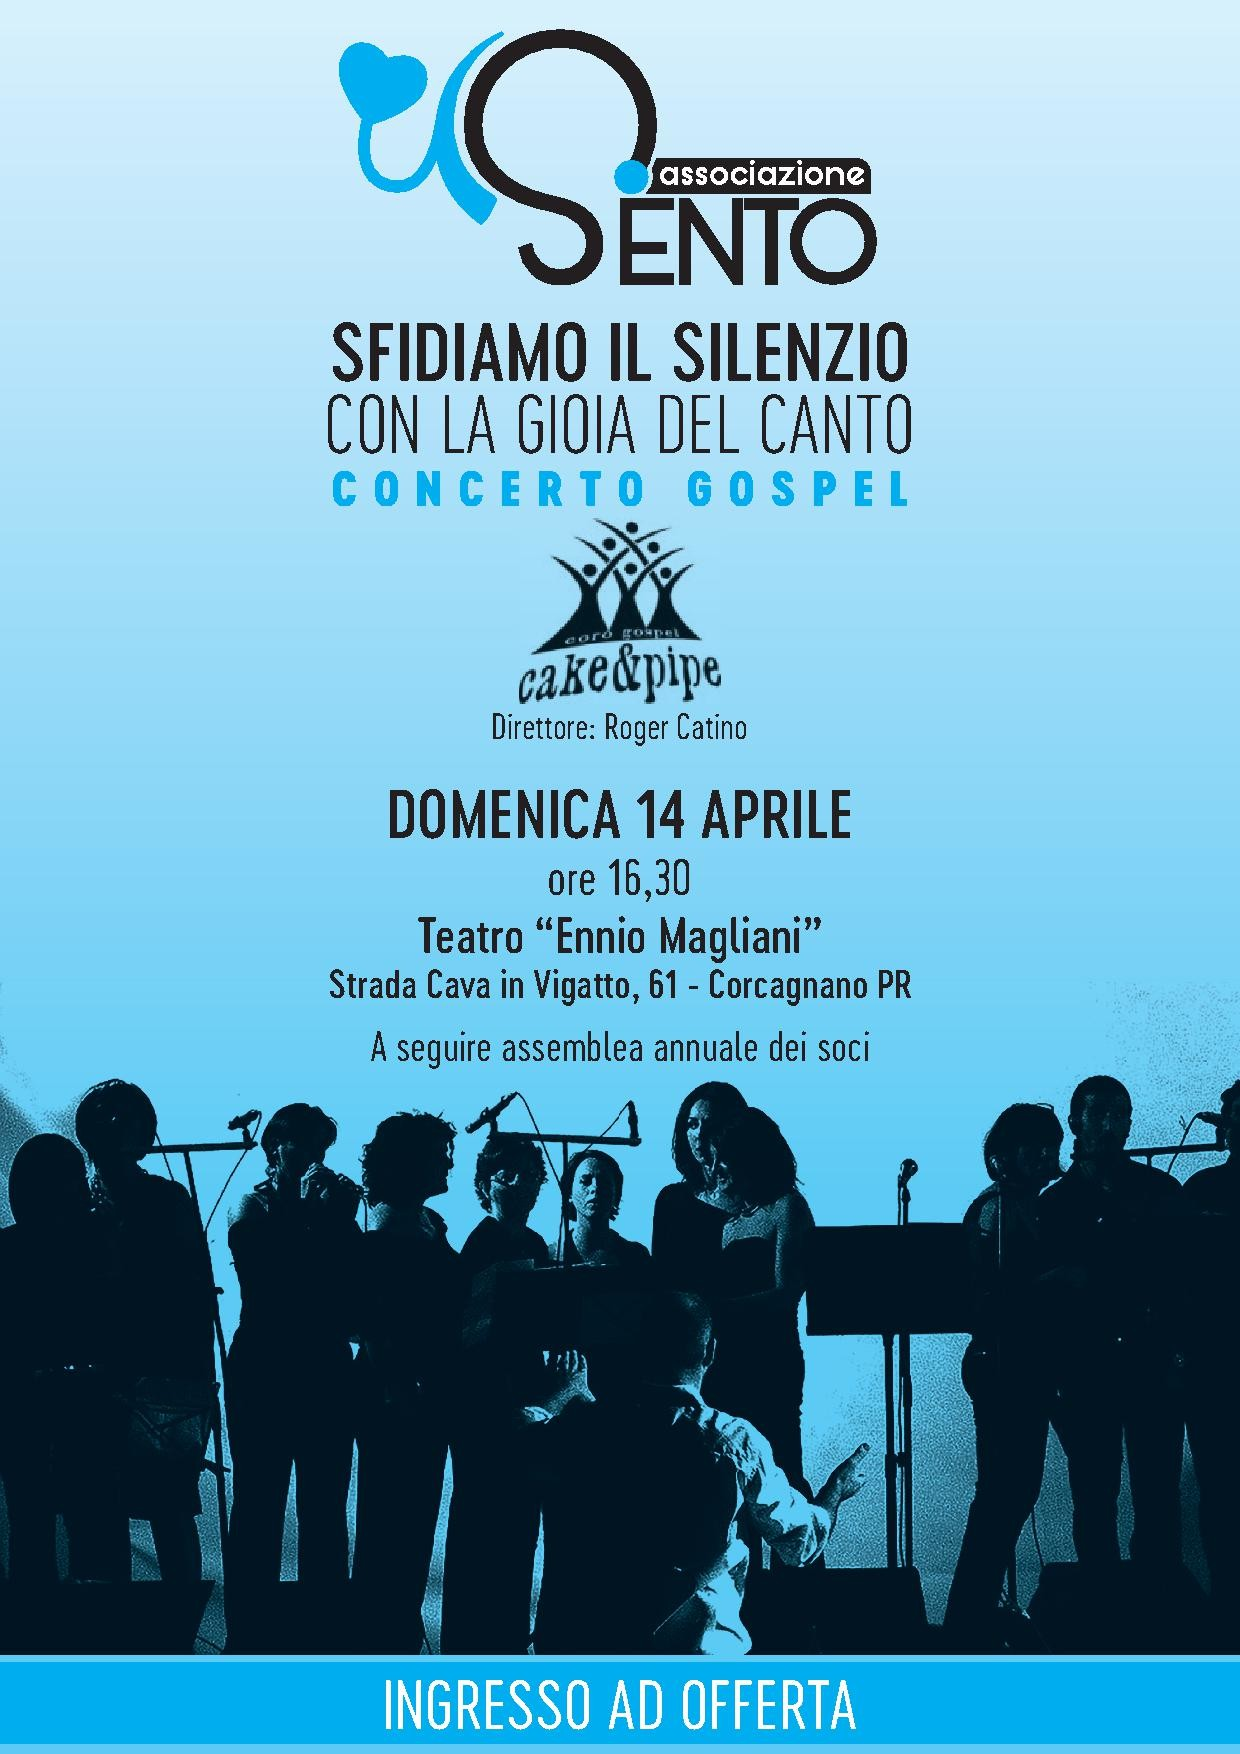 Concerto gospel dei  CAKE E PIPE al Teatro Ennio Magliani